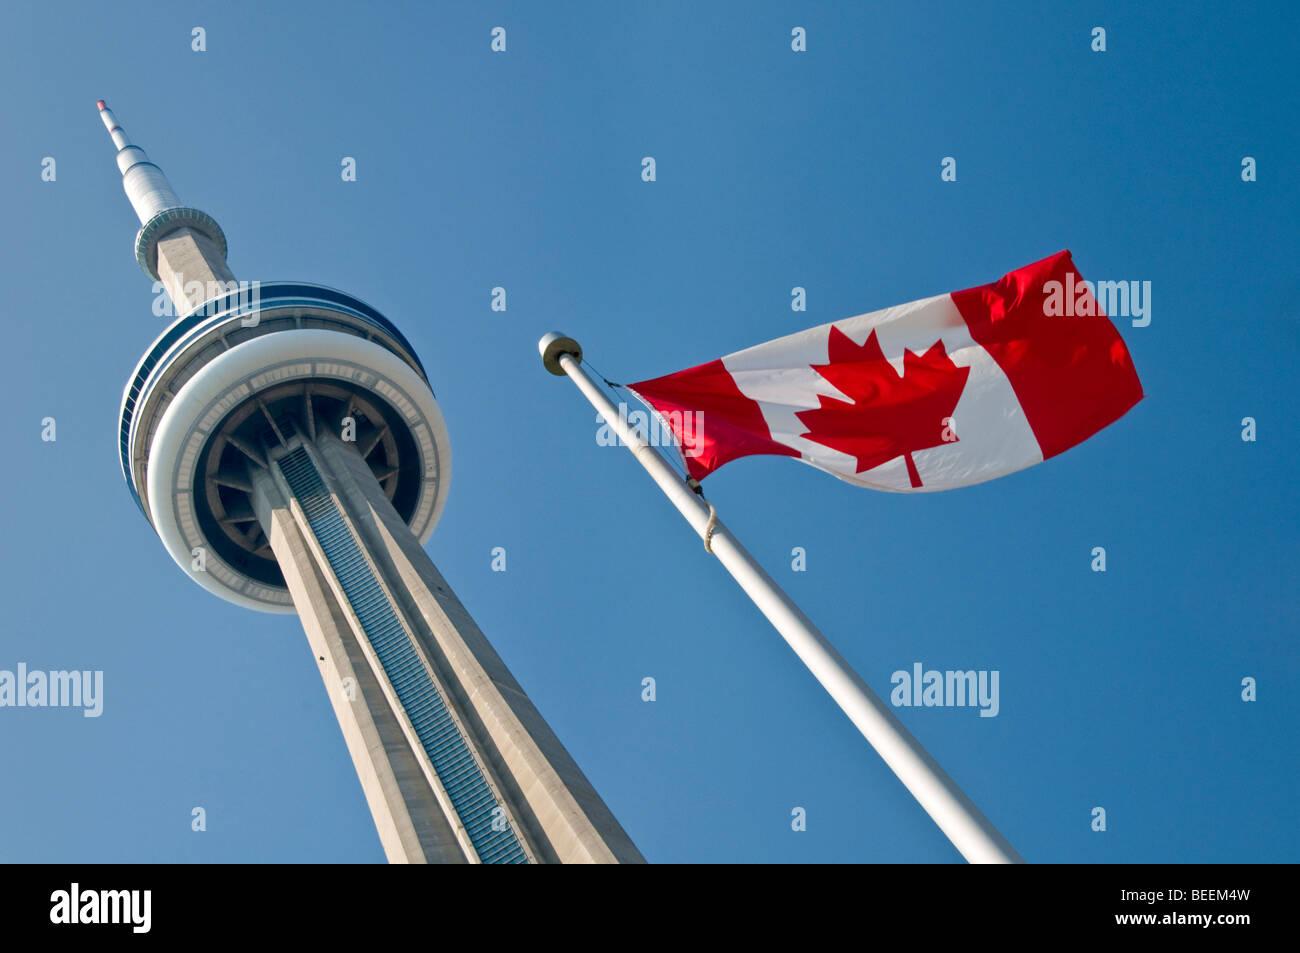 La CN Tower e il canadese bandiera nazionale, Toronto, Ontario, Canada, America del Nord Immagini Stock